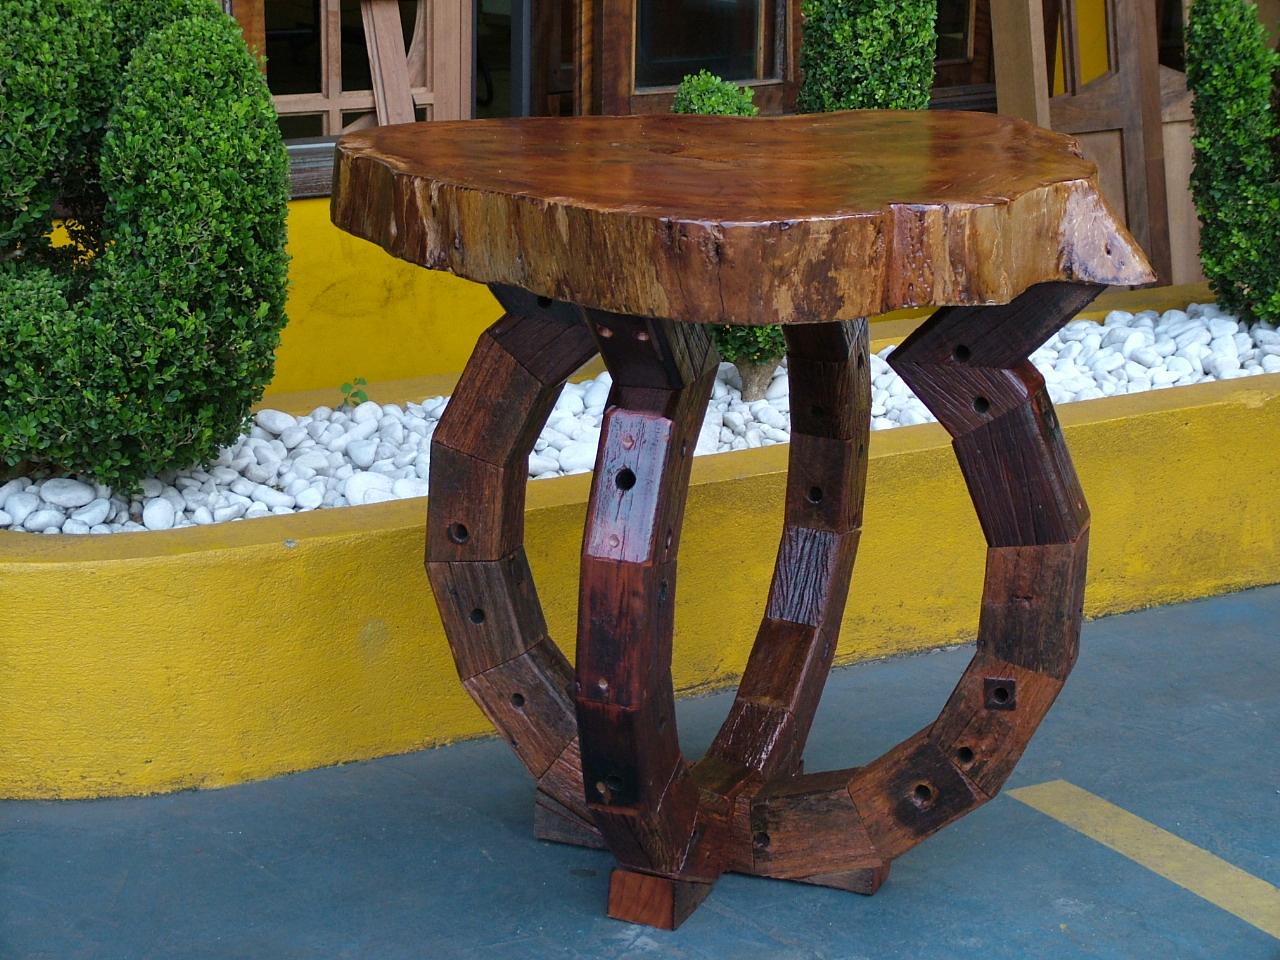 Mesa de madeira – pés em cruzetas de madeira com tampo maciço  #A78E24 1280x960